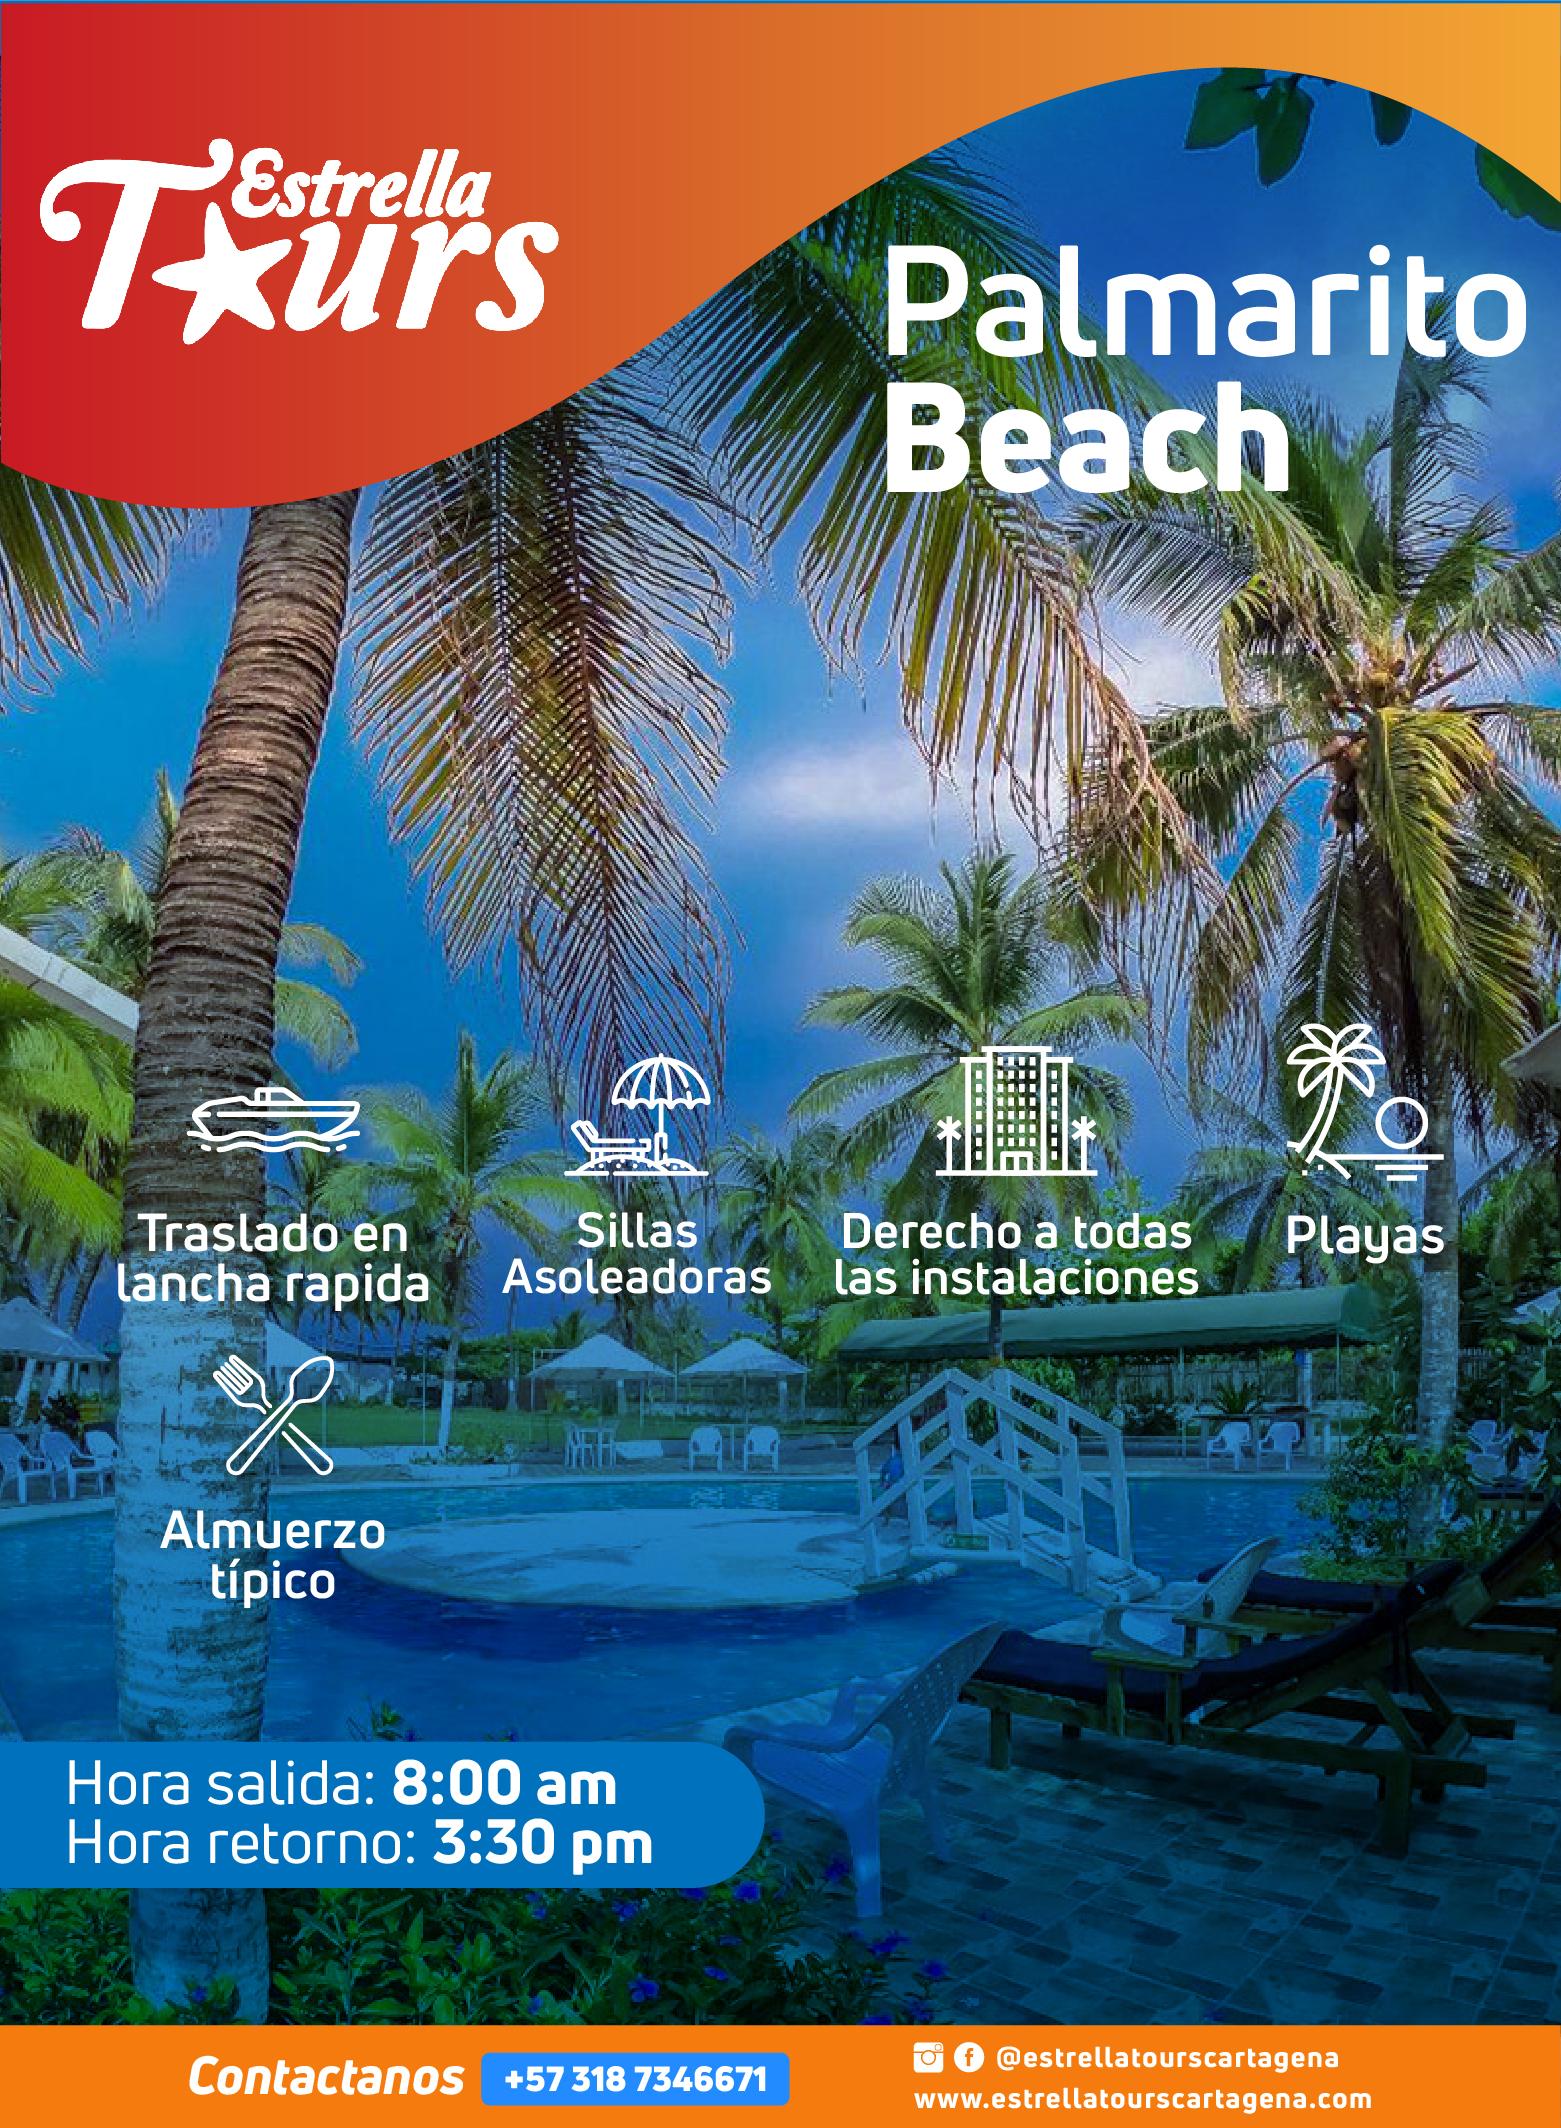 Palmarito beach_pasadia